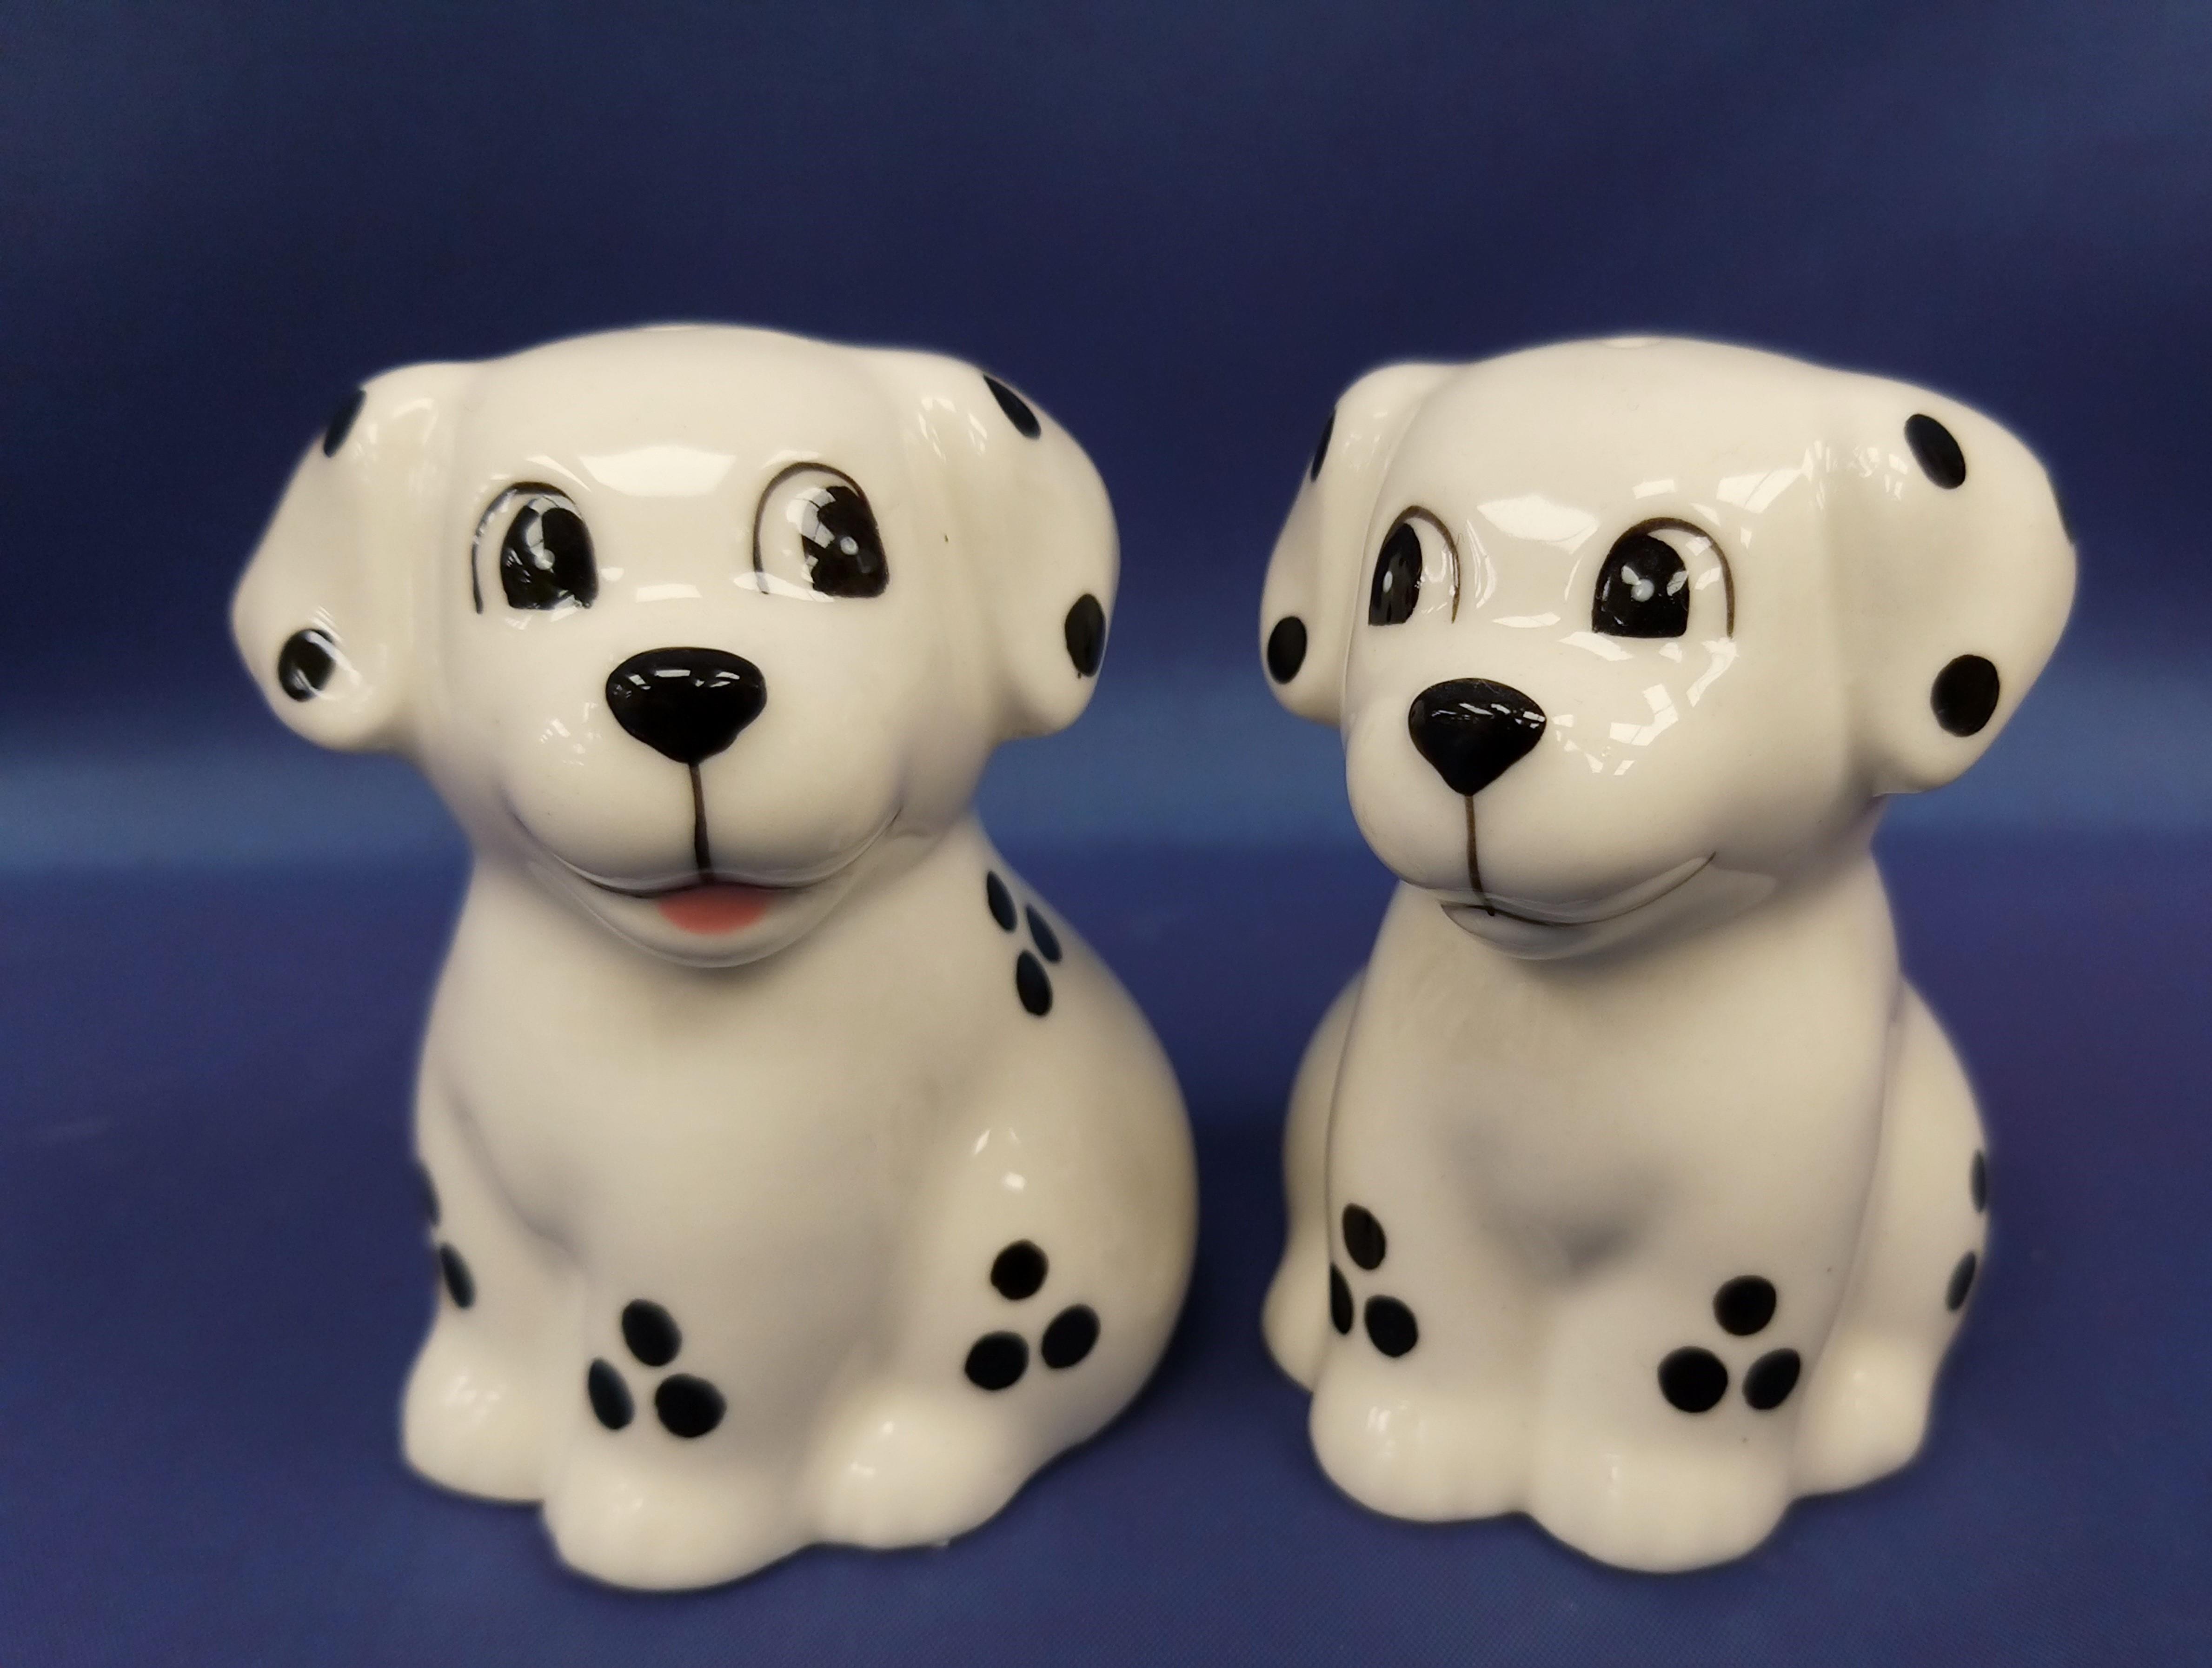 Ceramic Dalmatian Dog 'Salt and Pepper' Shakers